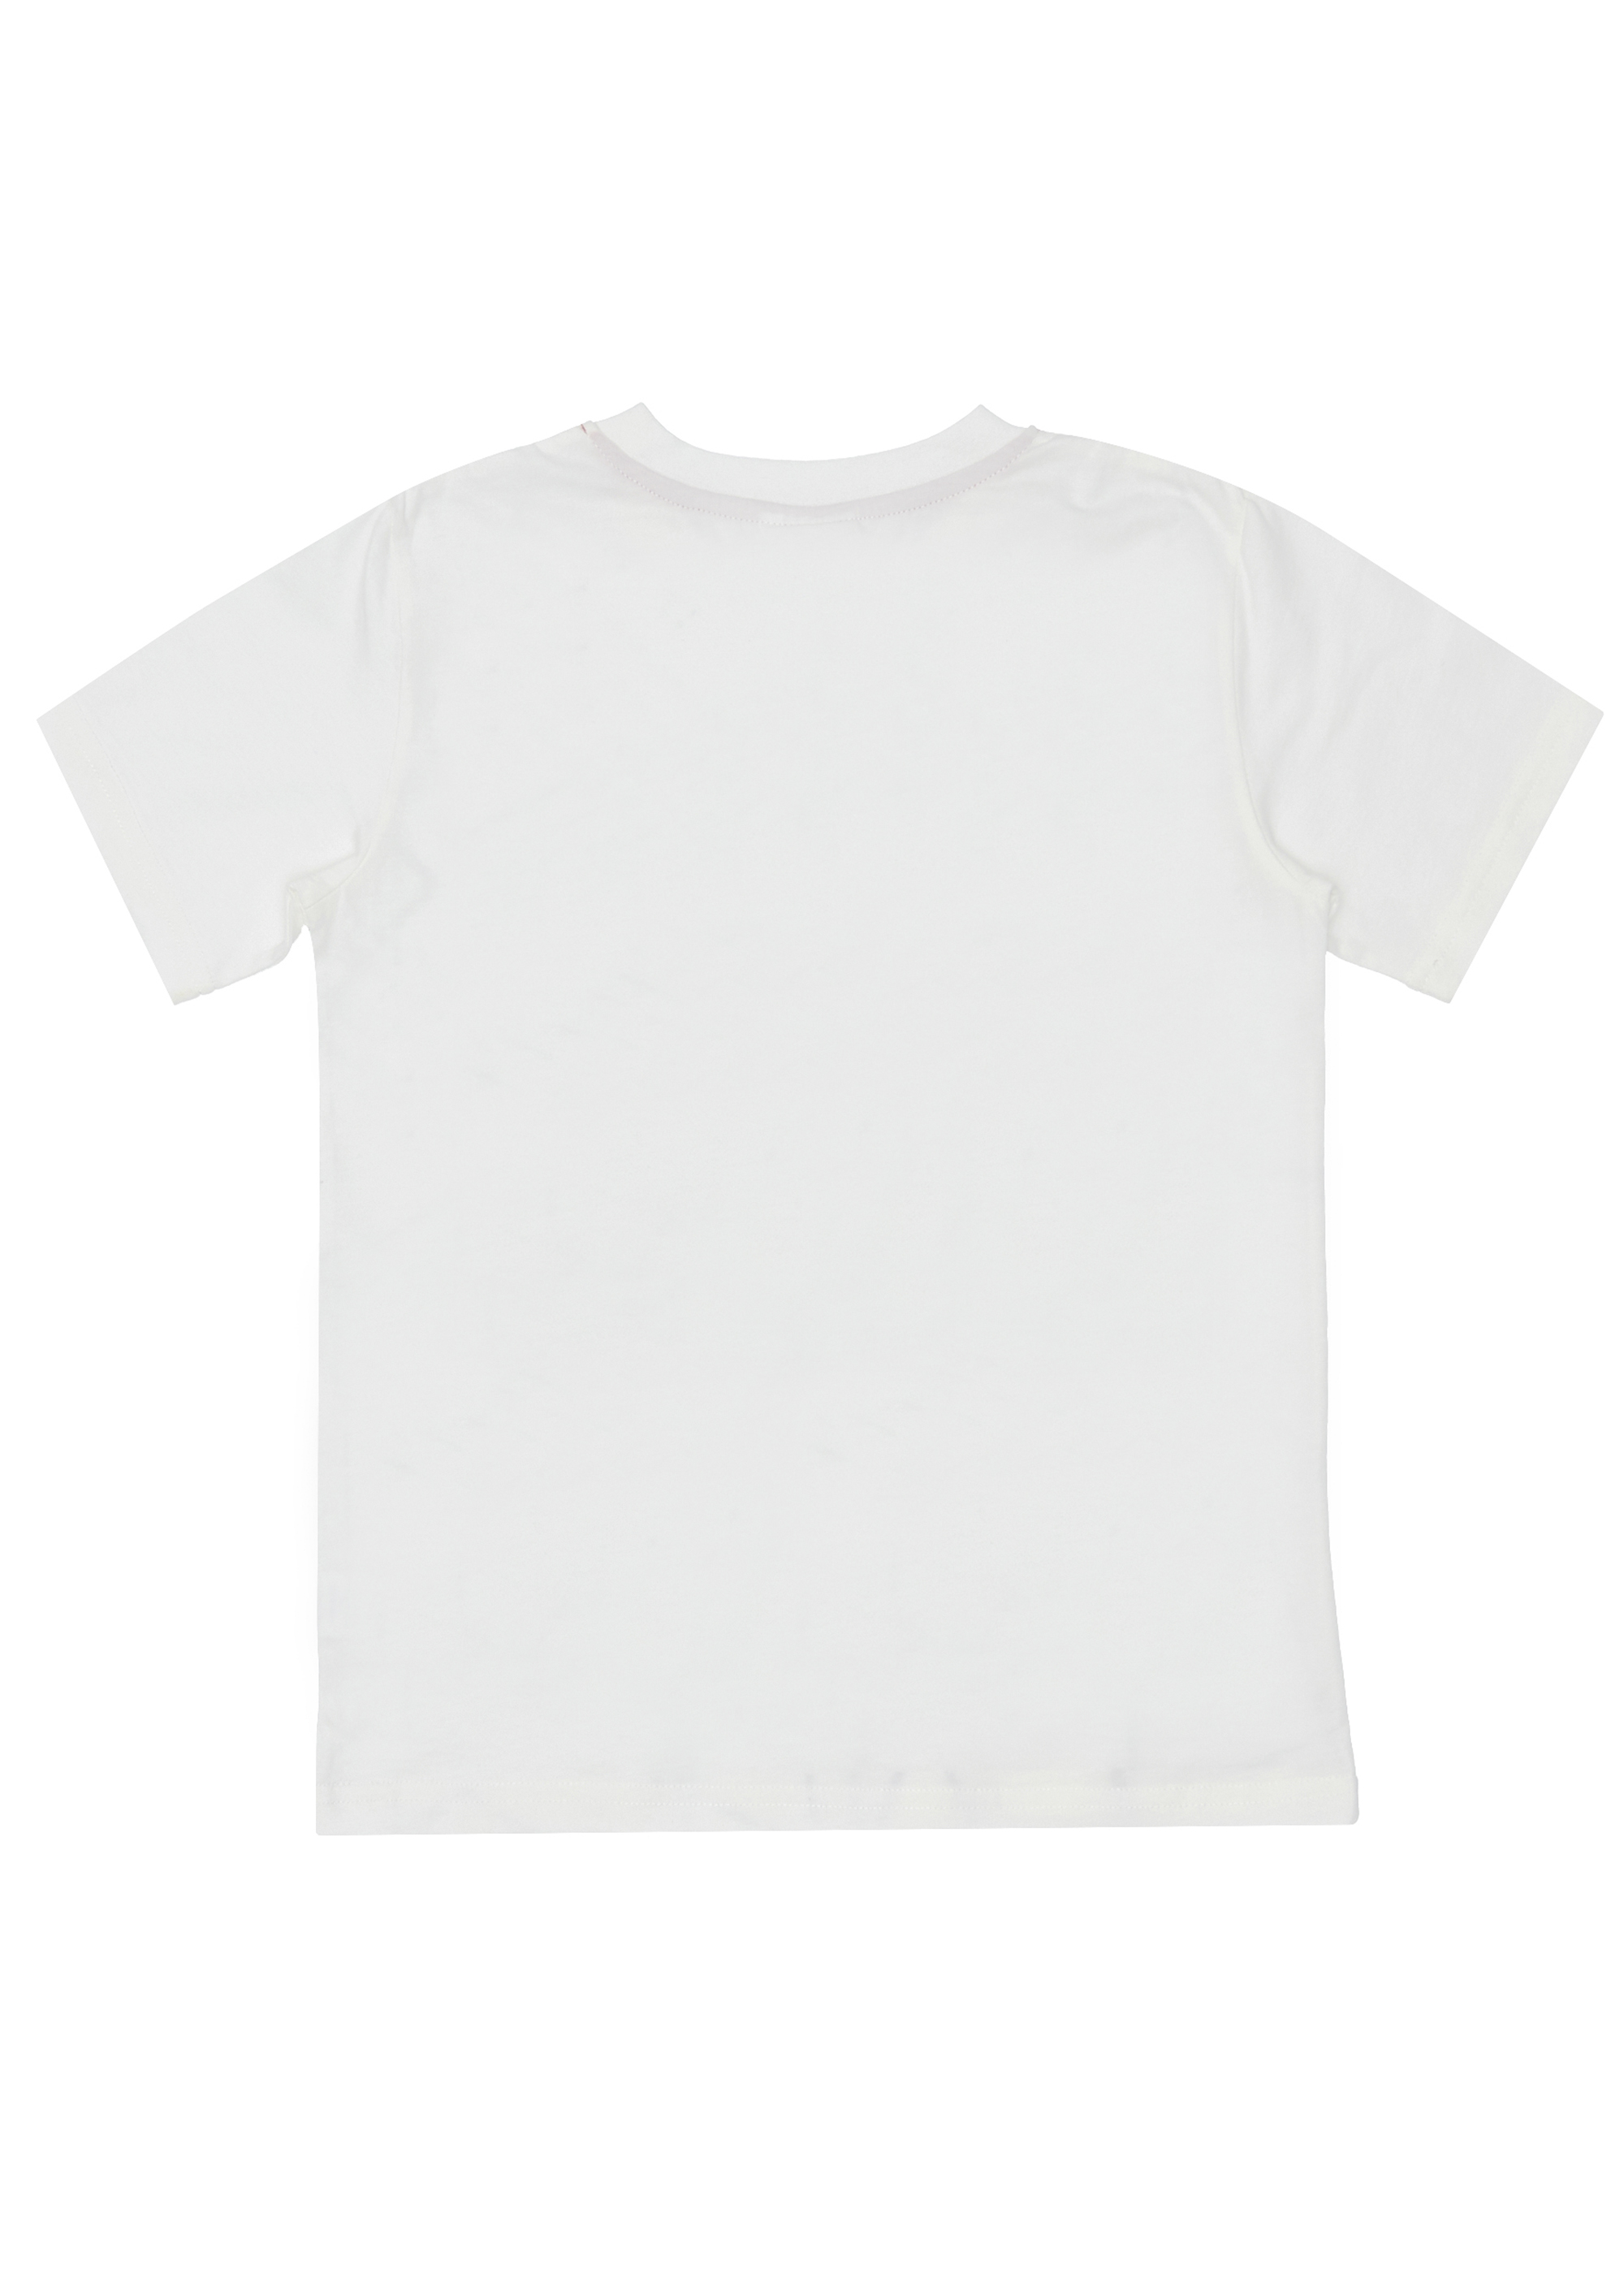 Chlapecké tričko Geometry - bílá Bílá, Černá